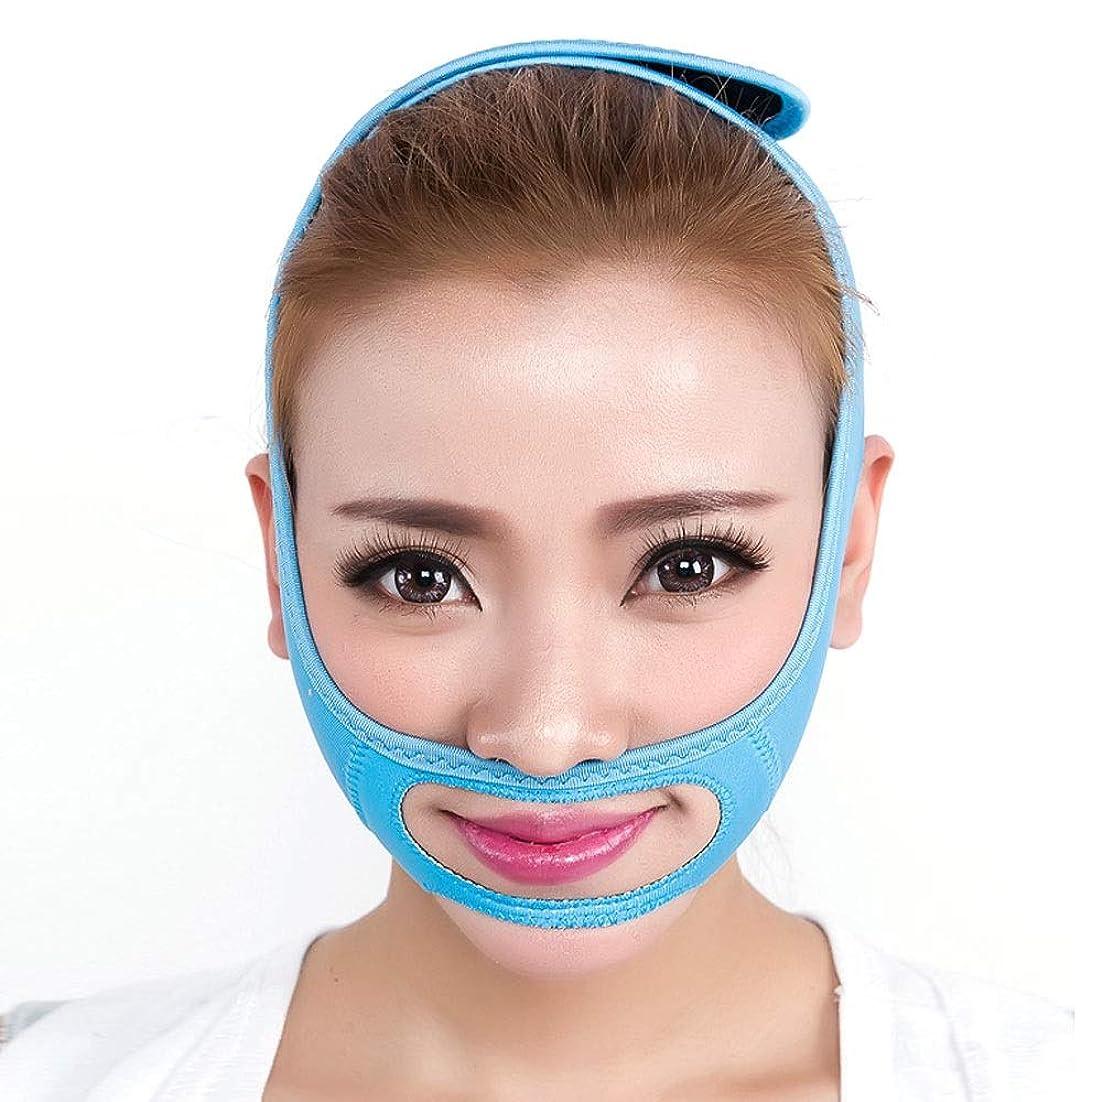 ベーコンルーチン抵当Jia Jia- シンフェイスマスクシンフェイス包帯シンフェイスアーティファクトシンフェイスフェイシャルリフティングシンフェイススモールVフェイススリープシンフェイスベルト 顔面包帯 (色 : B)